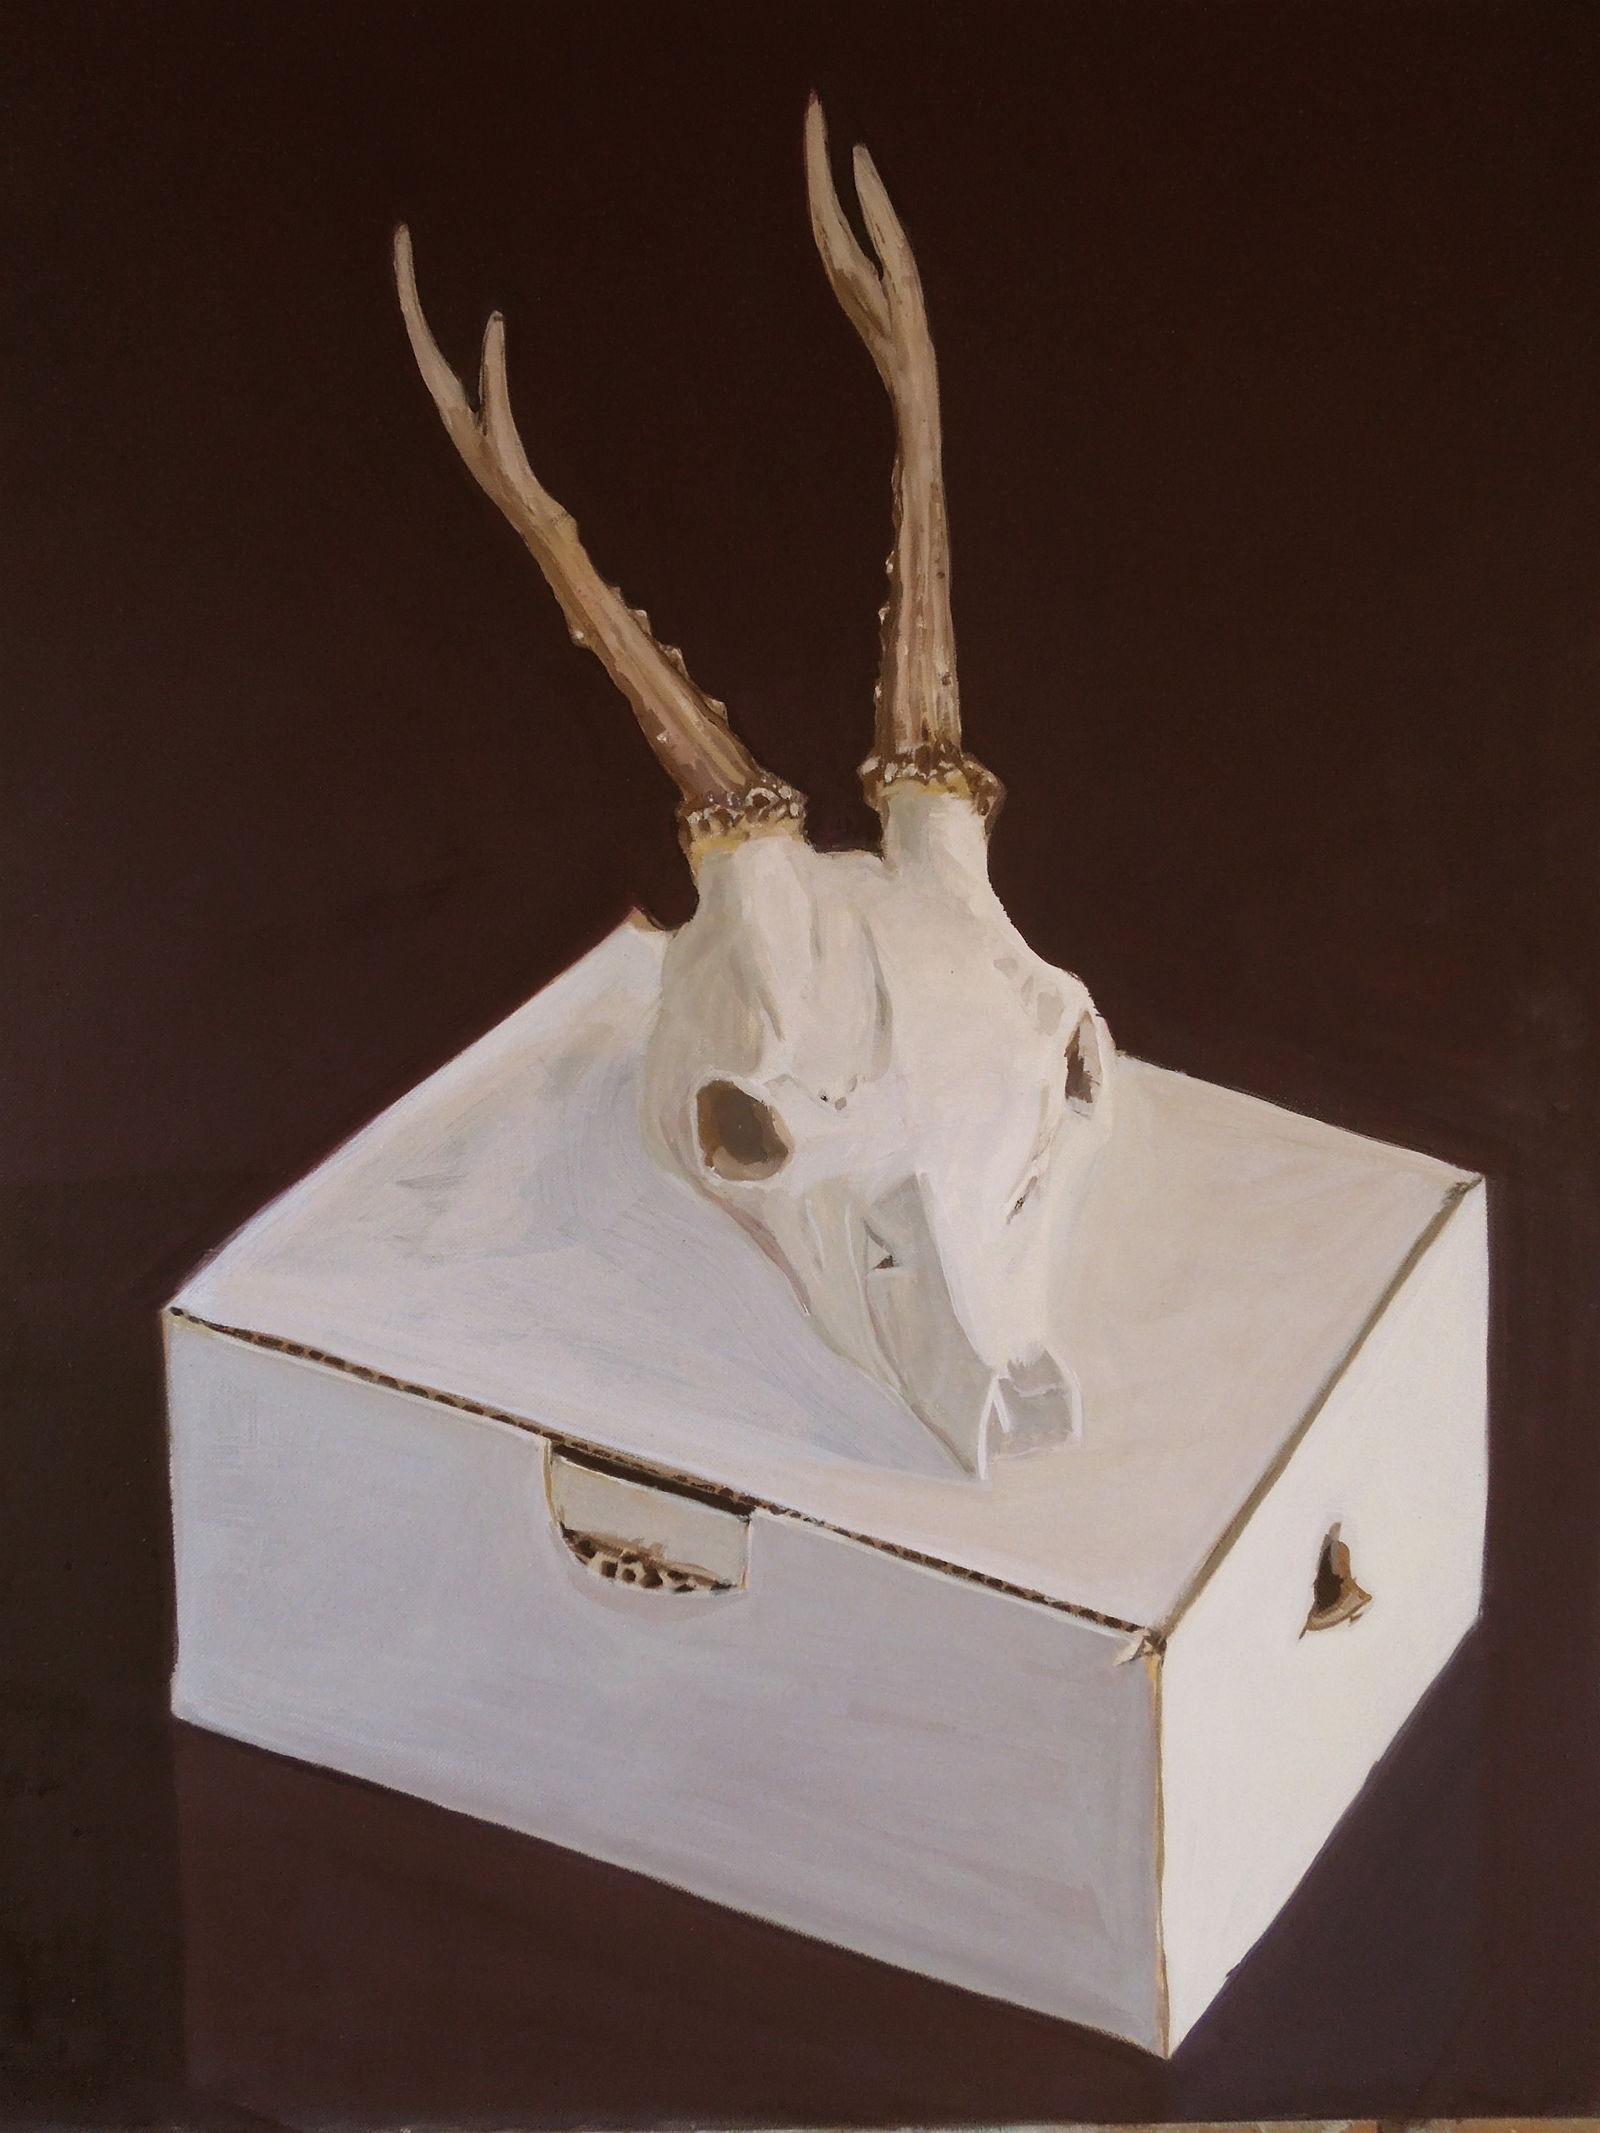 Rehbockschädel auf Schachtel, 2013, Oel a/LW, 65x55 cm